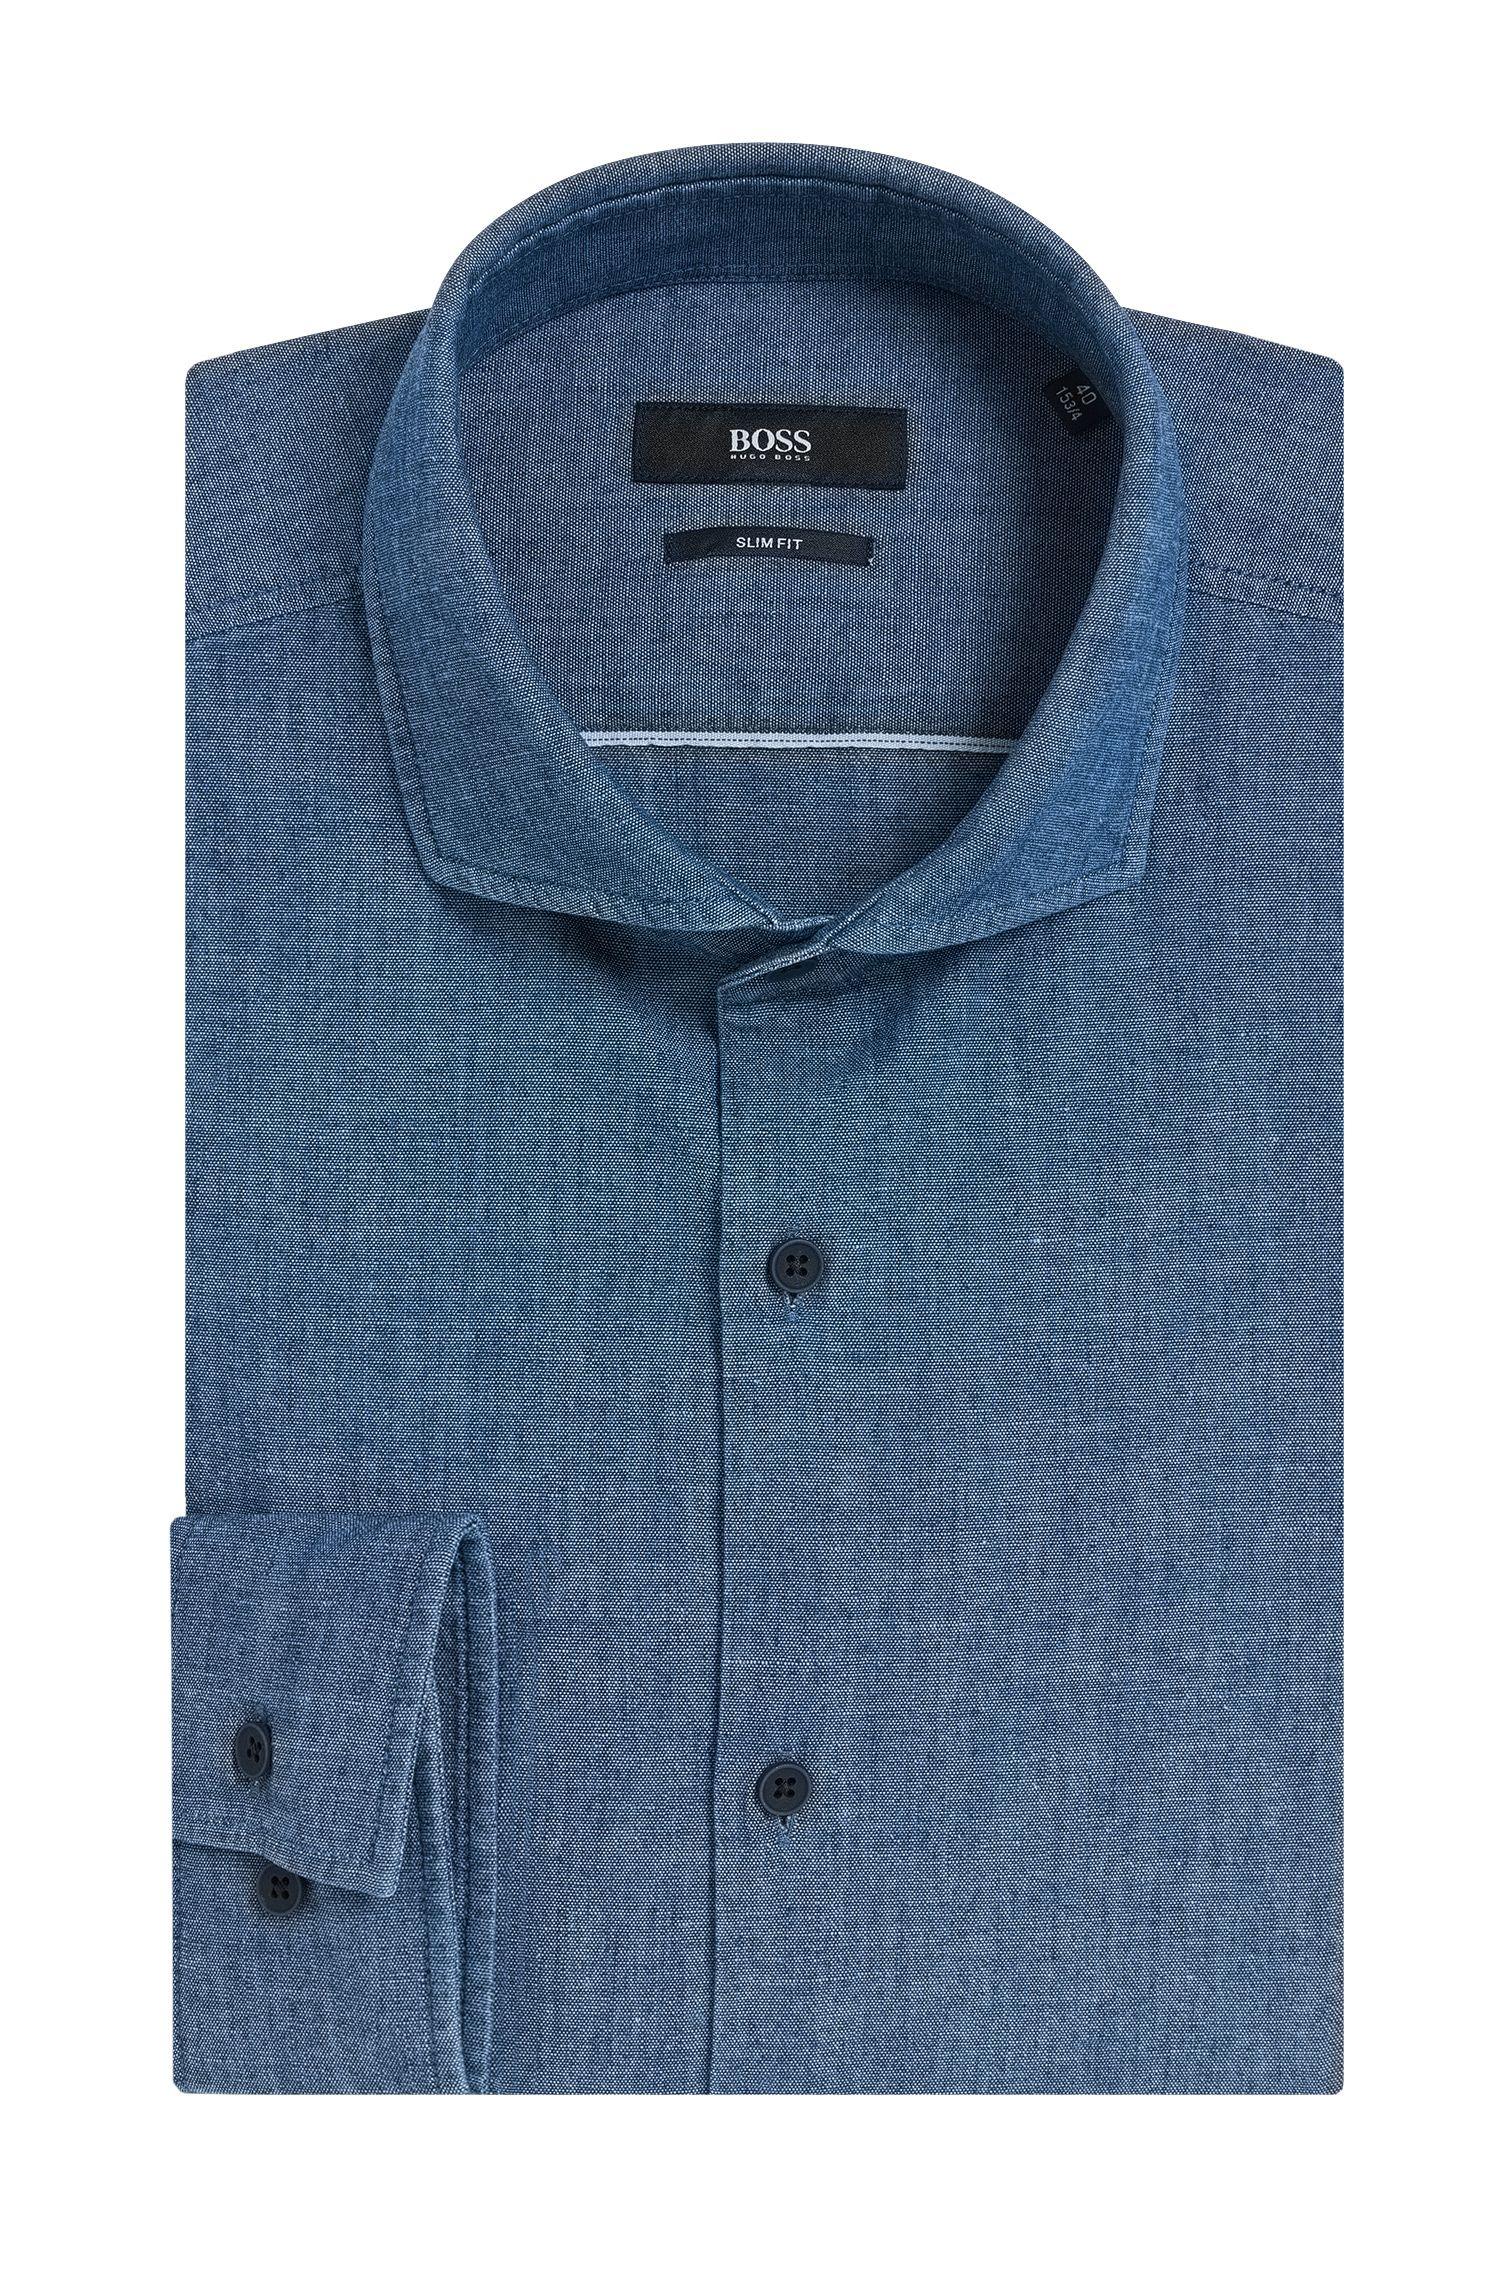 'Jason'   Slim Fit, Cotton Denim Dress Shirt